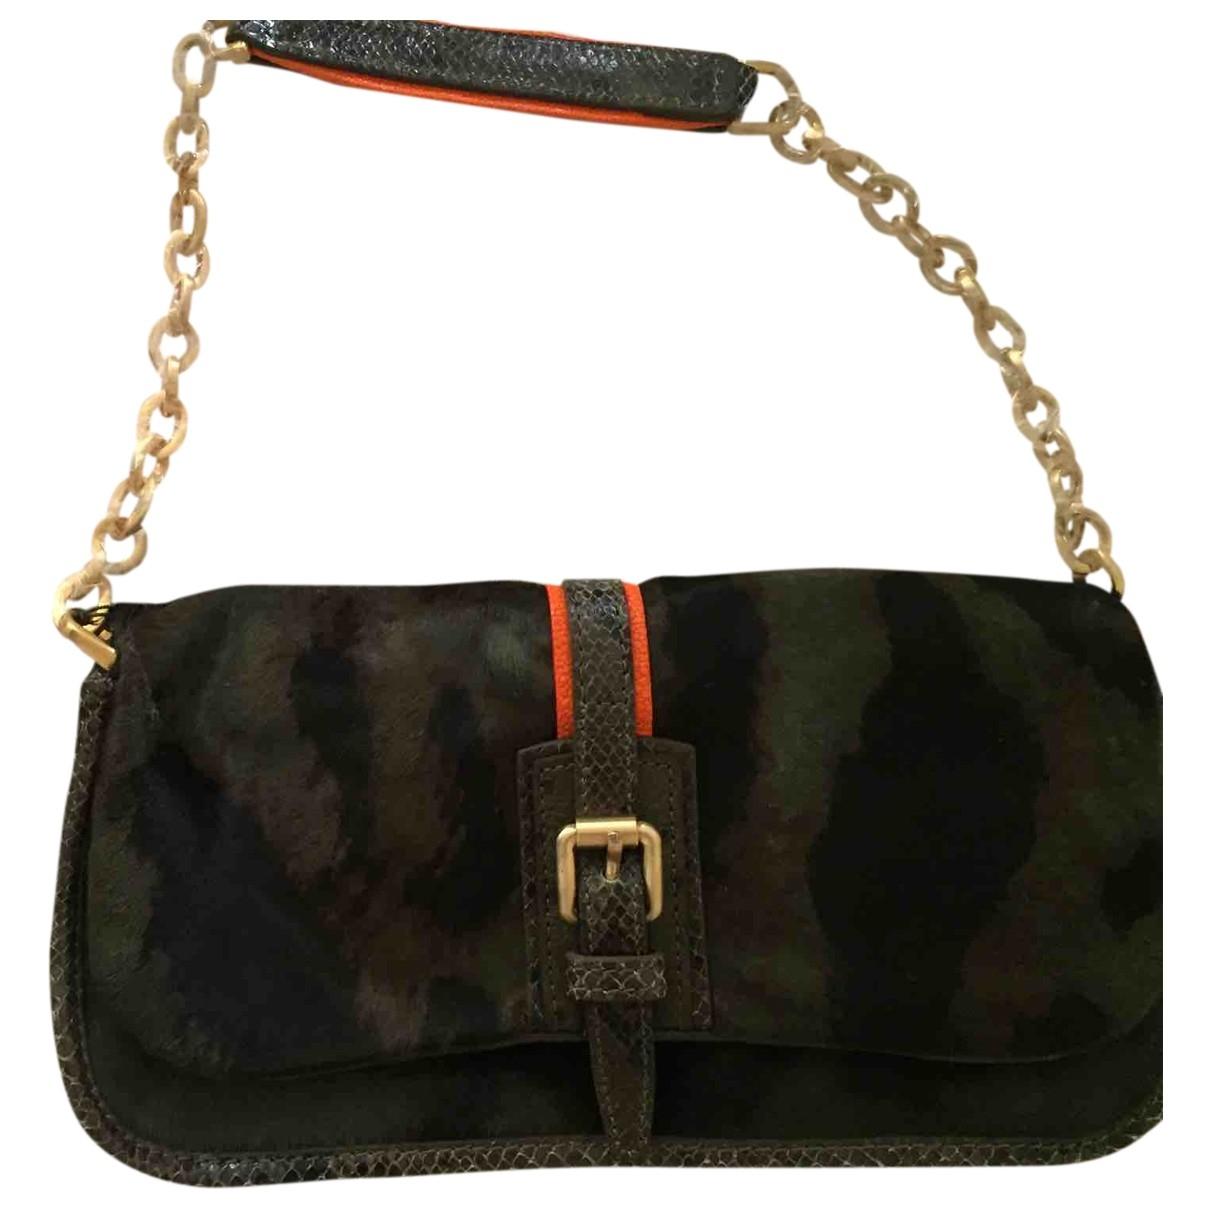 Longchamp \N Khaki Pony-style calfskin handbag for Women \N